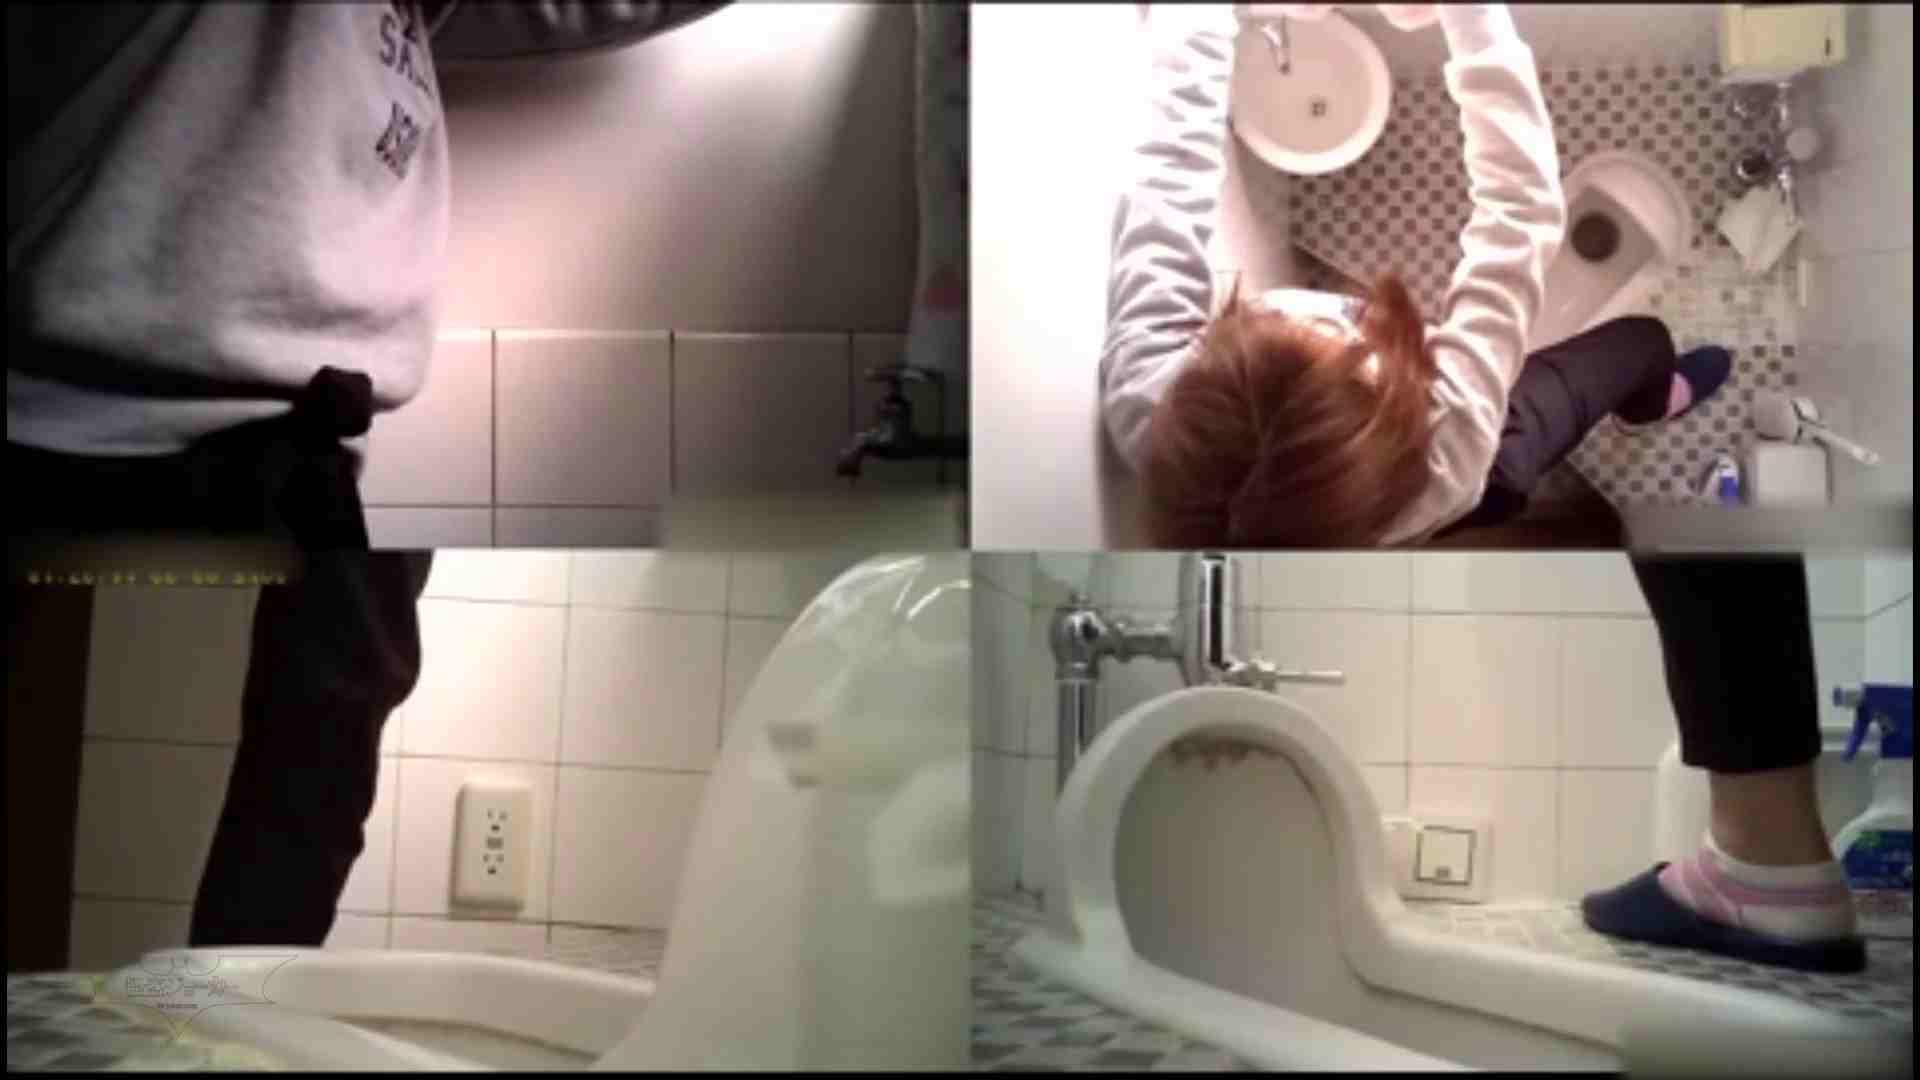 Vol.05 花の女子大生 トイレ恥態 進化系マルチアングル!! トイレのぞき | ギャル攻め  66画像 41